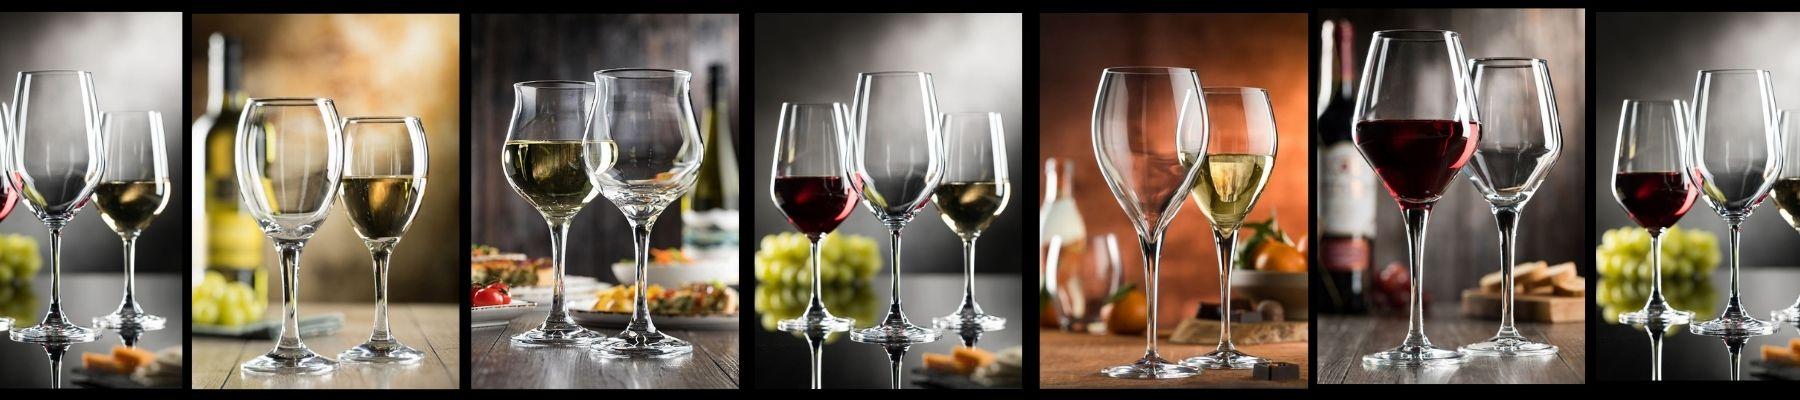 Utopia Glasses Wine Glassware